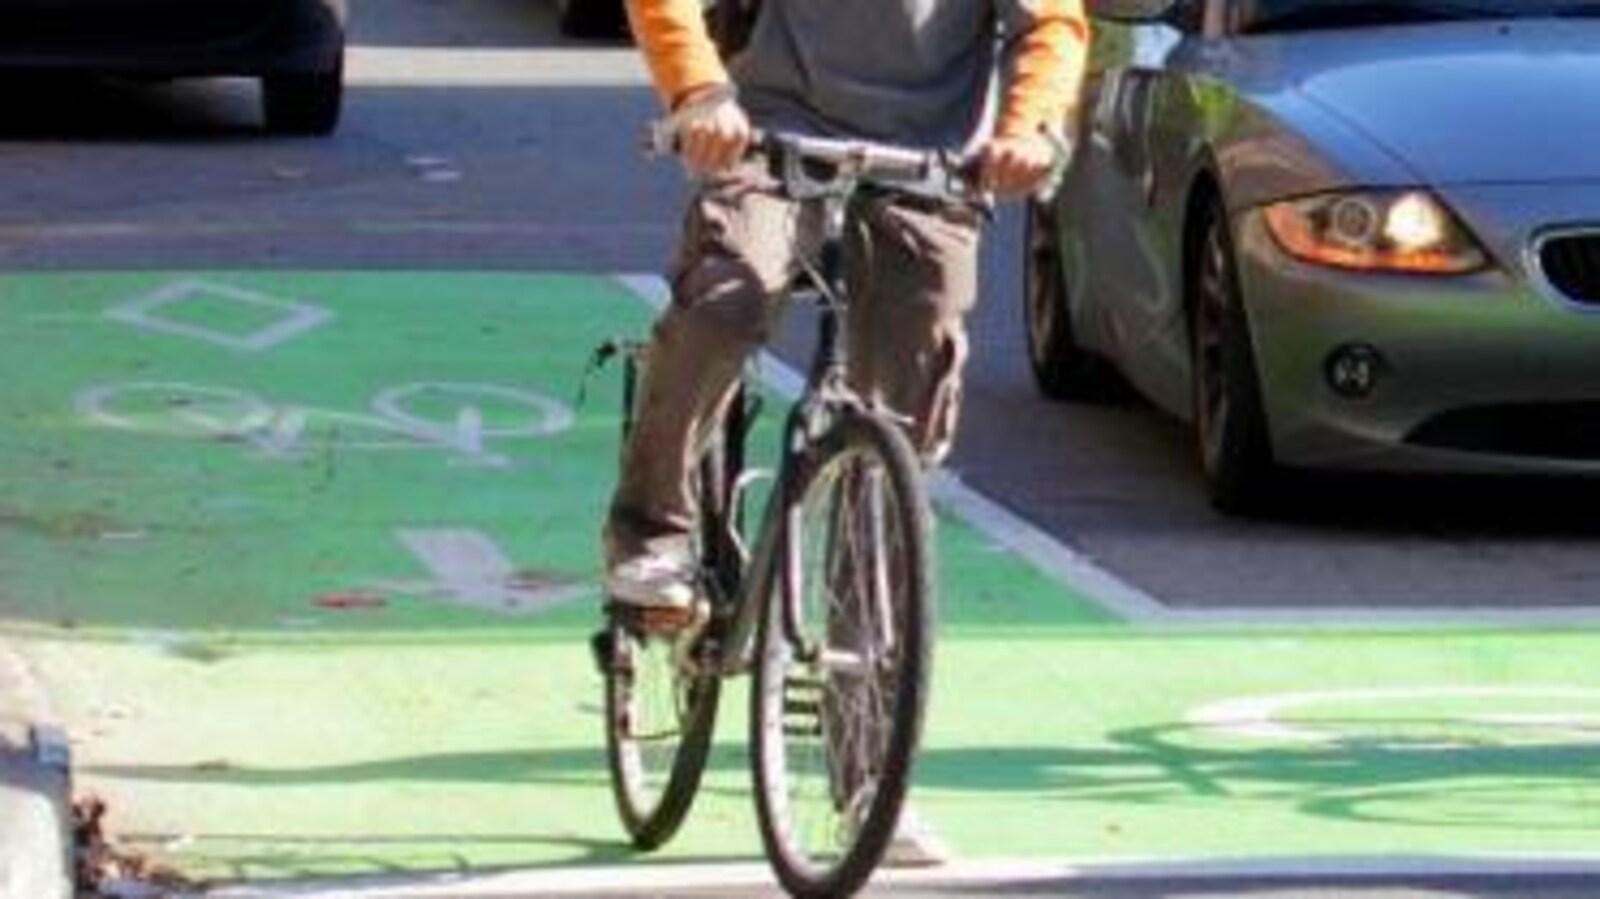 Sas de vélo à Montréal, un espace marqué en vert où l'on voit un cycliste arrêté, avec derrière lui une voiture arrêtée à une intersection.